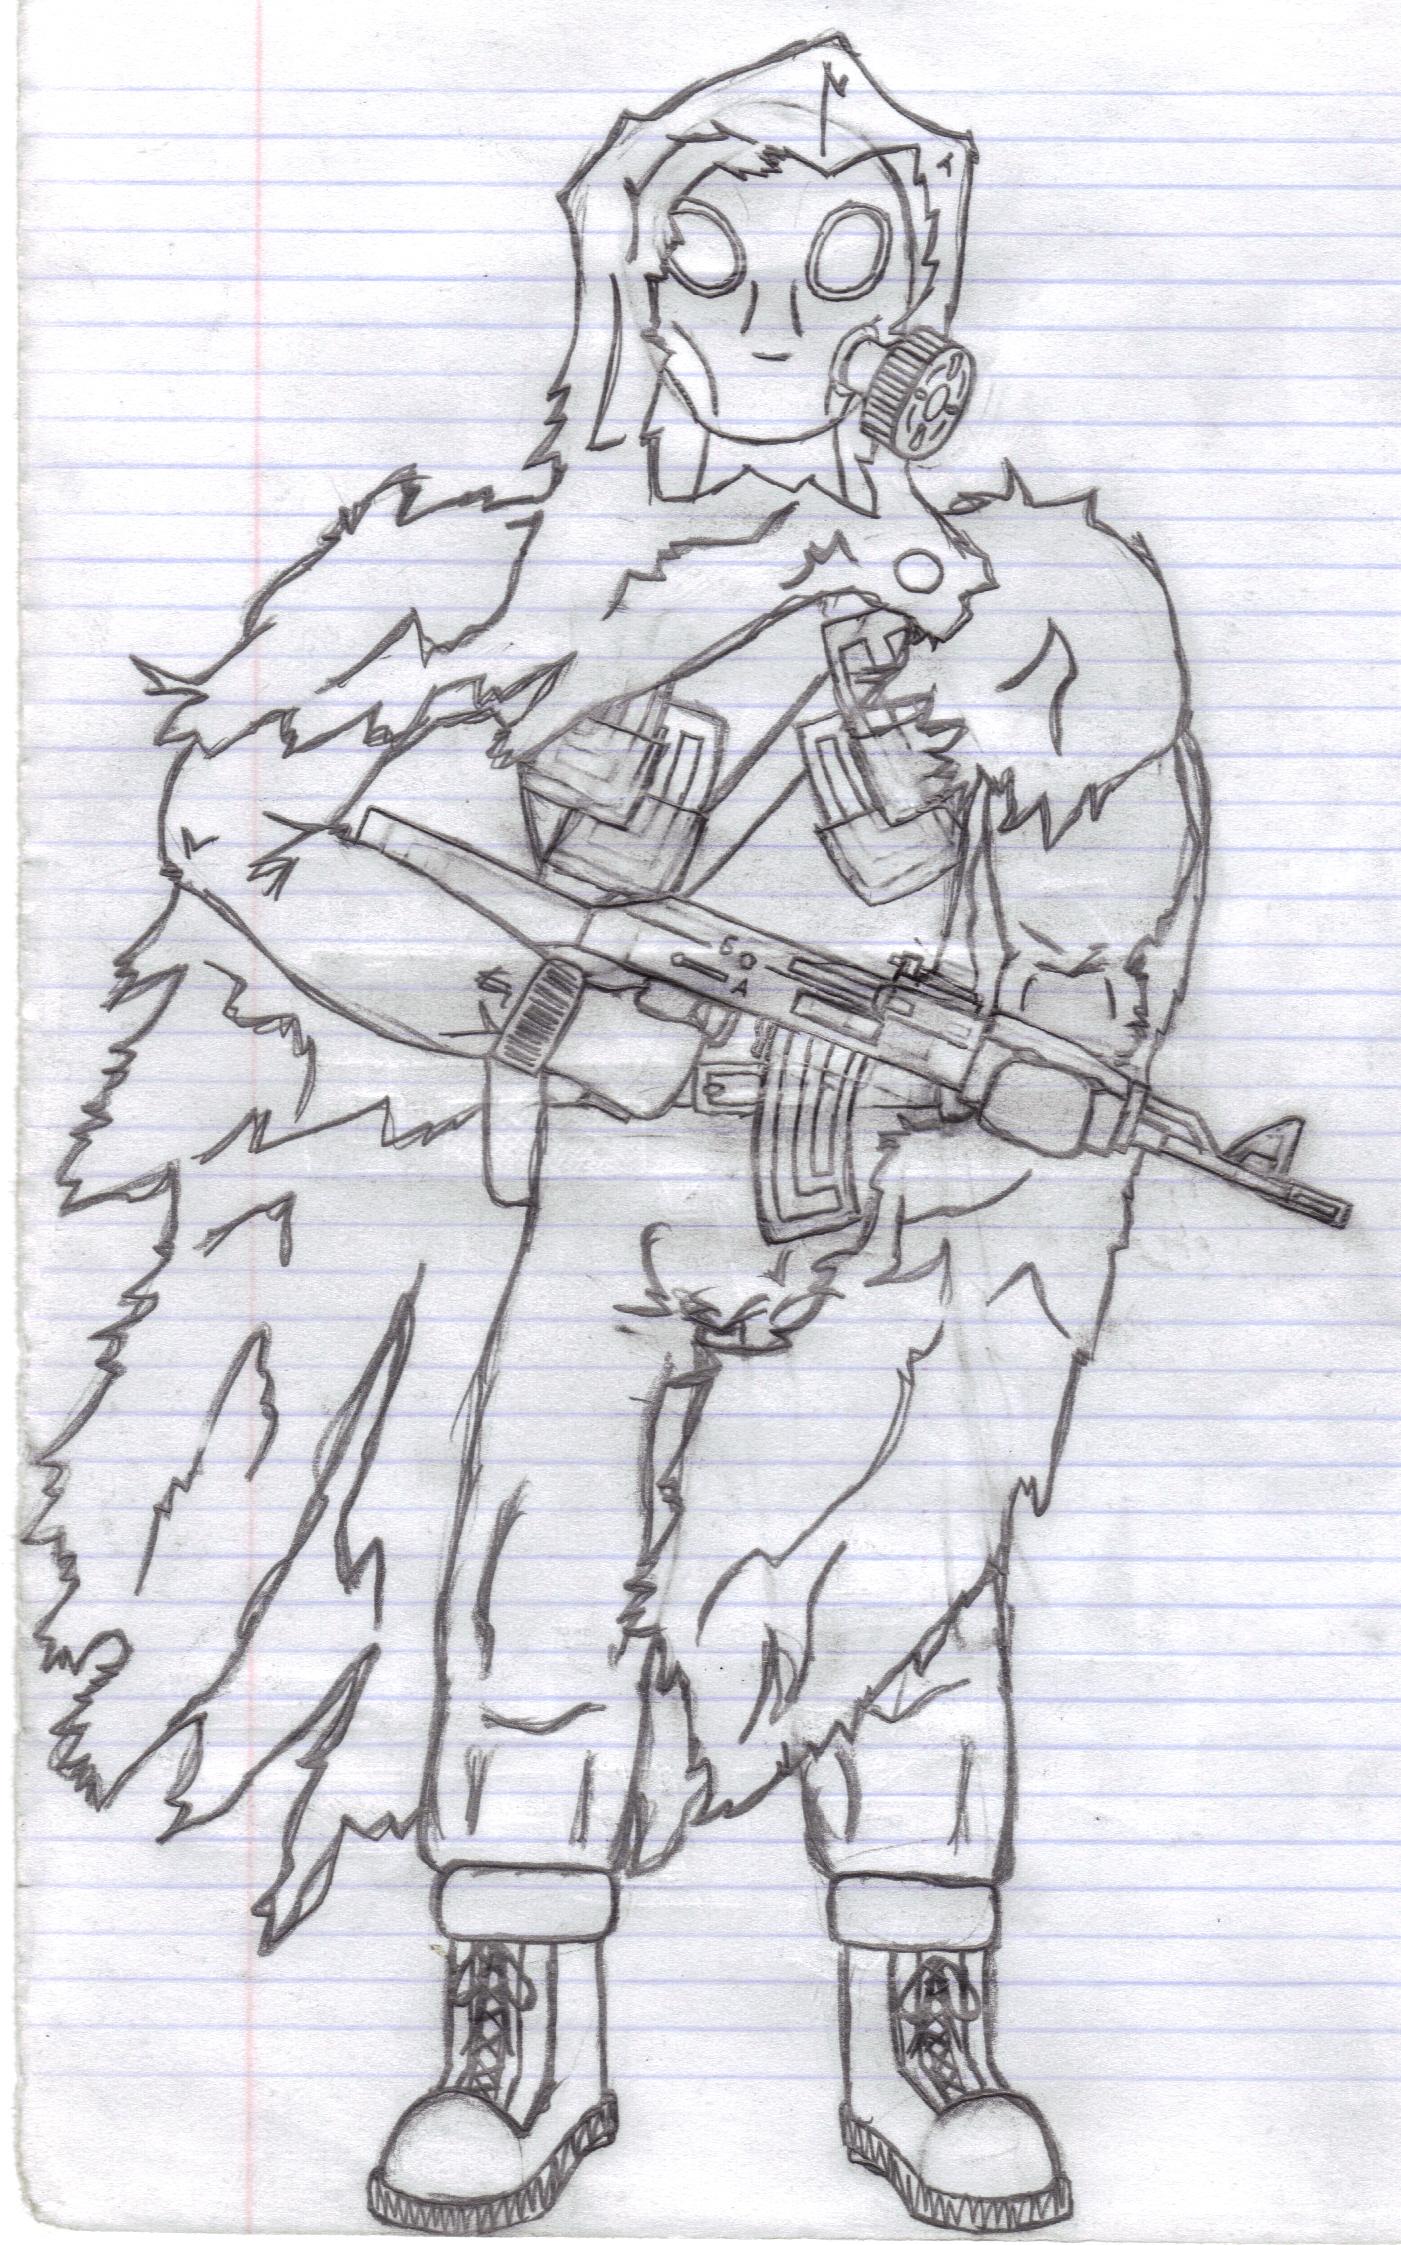 GasMask soldier